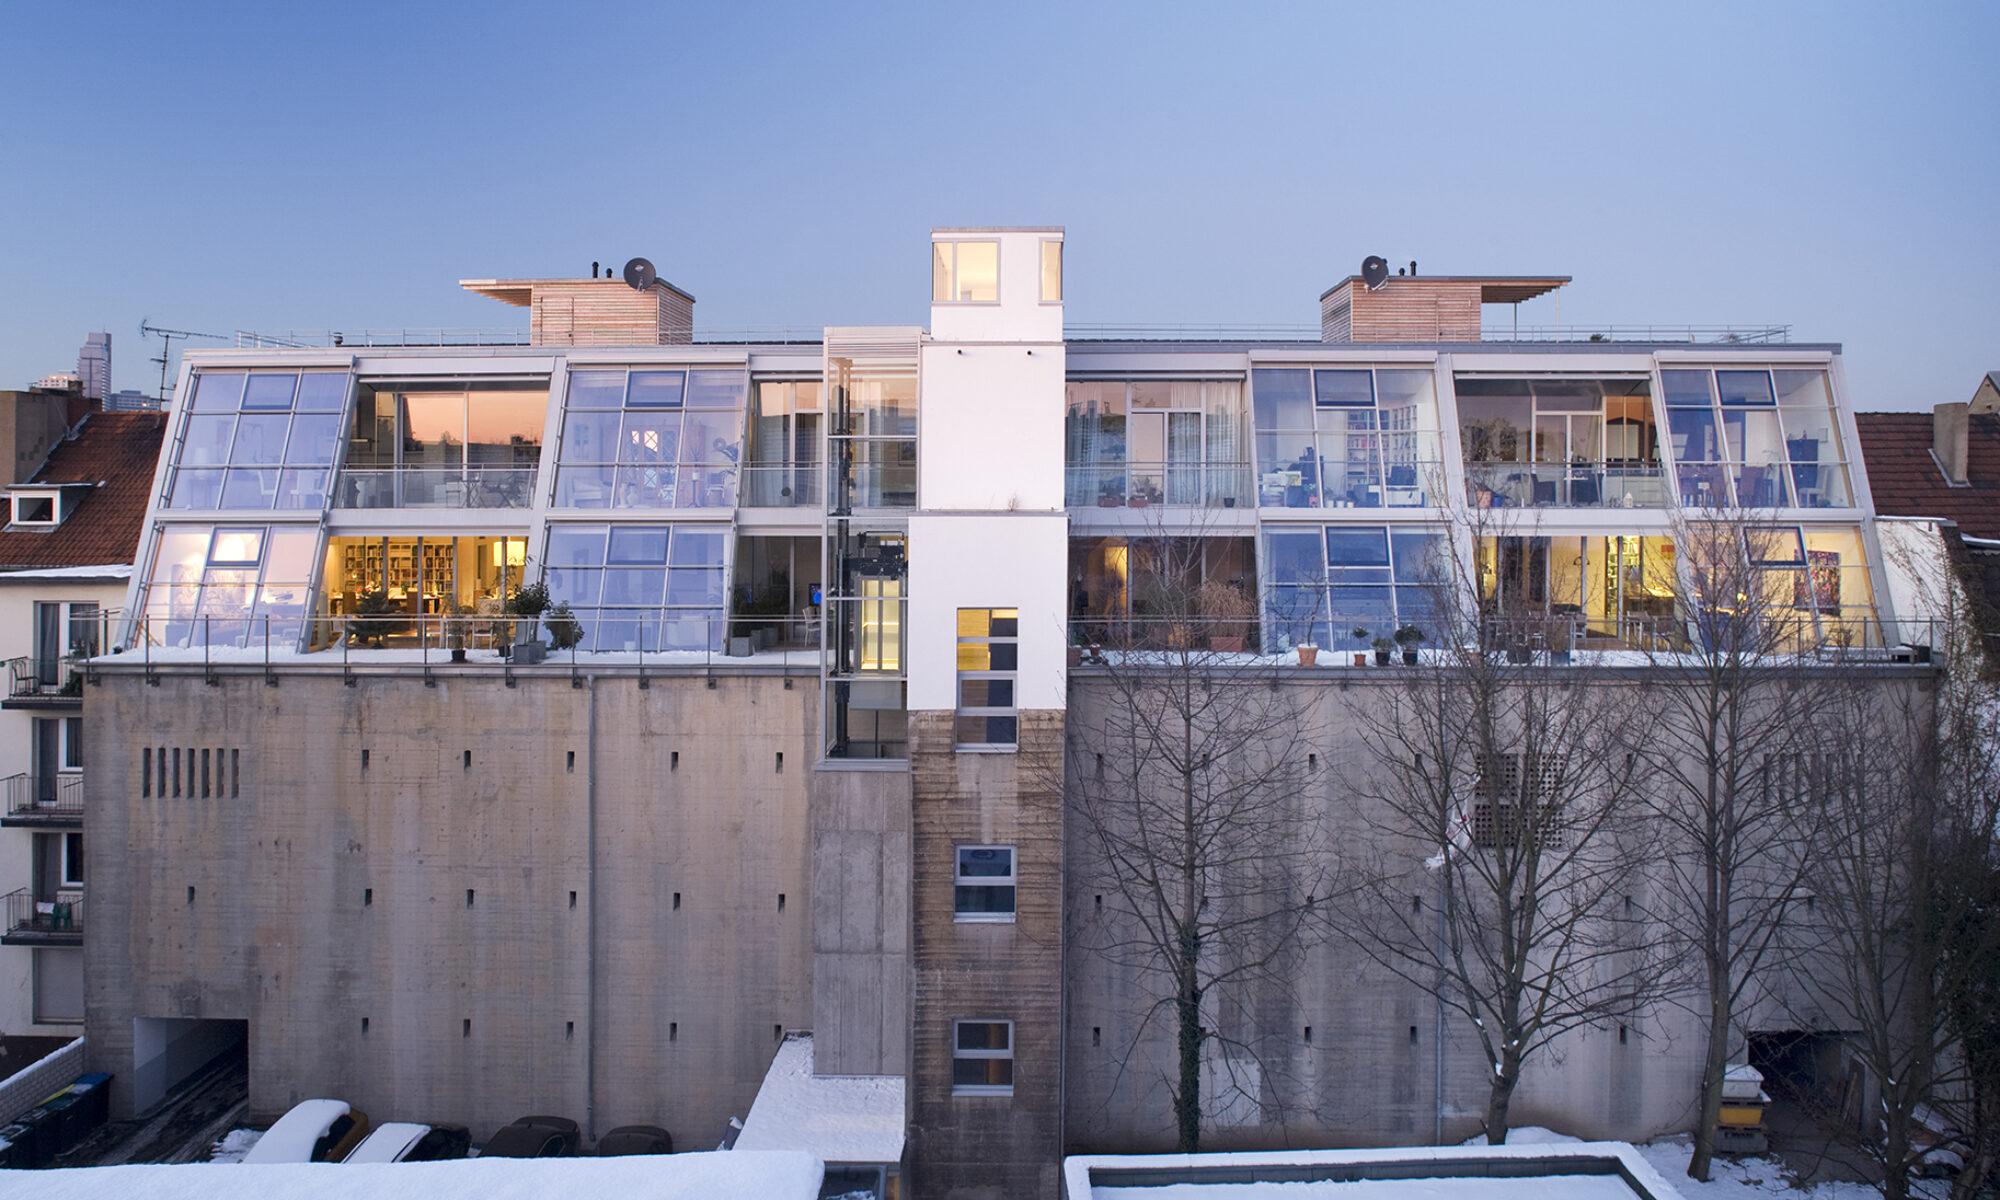 Jankowski Bürgener Architekten Stadtplaner